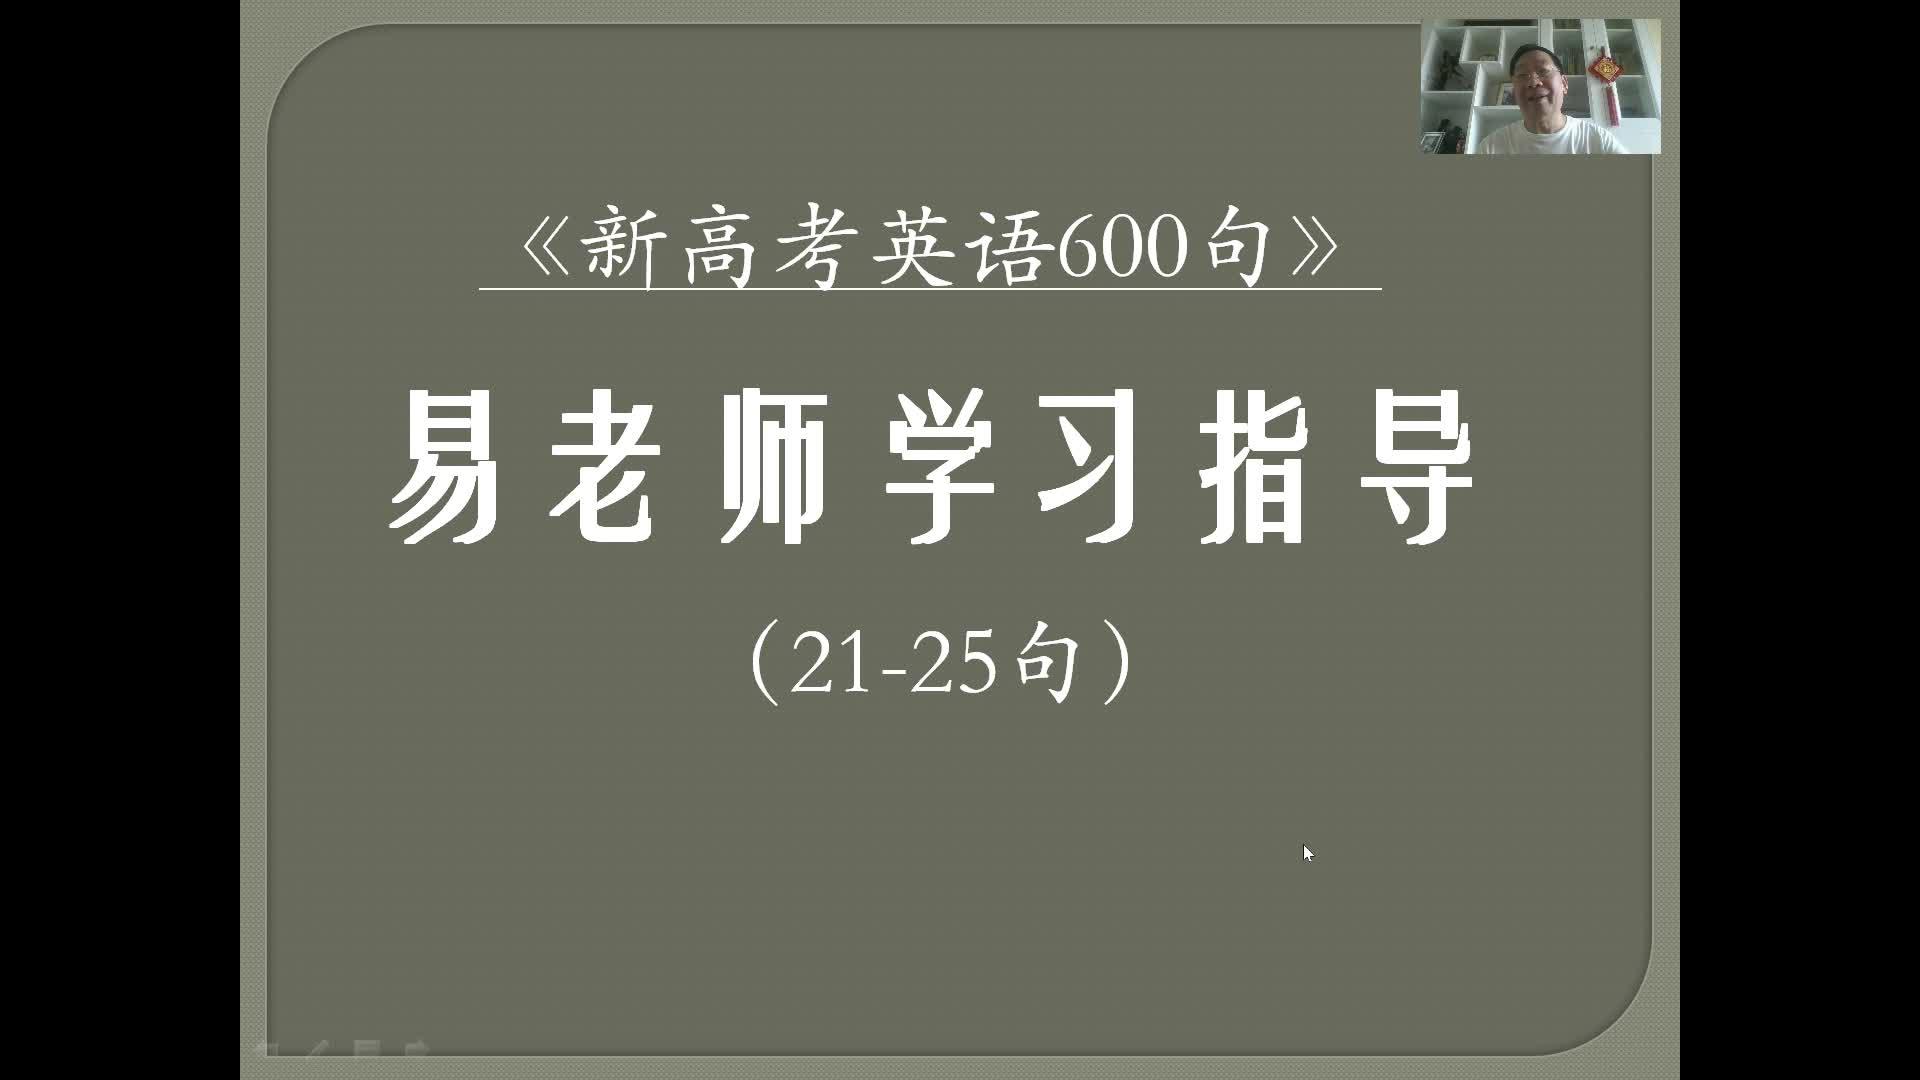 易仁荣英语《 新高考英语600句》第21-25句学习指导 - 易仁荣英语《 新高考英语600句》学习指导视频